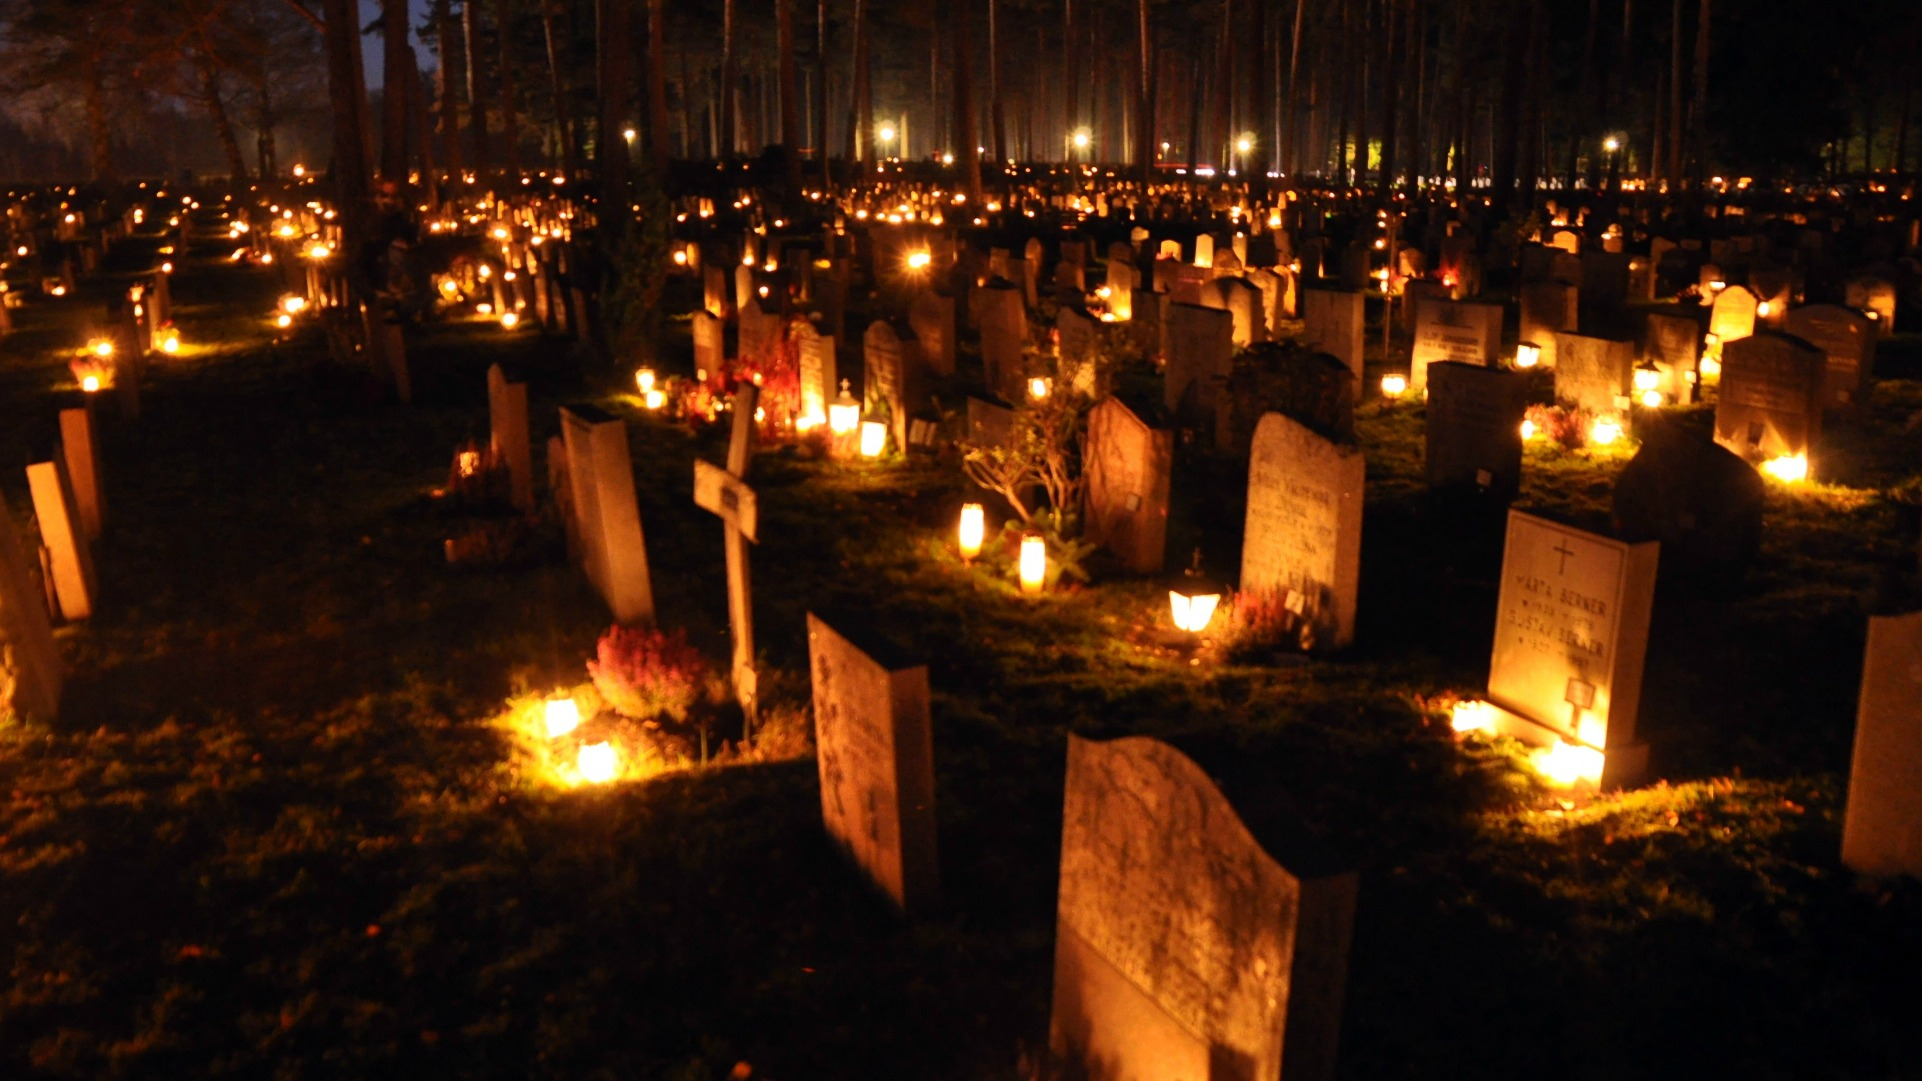 La Fete Halloween.La Toussaint Et L Héritage D Halloween Cath Ch